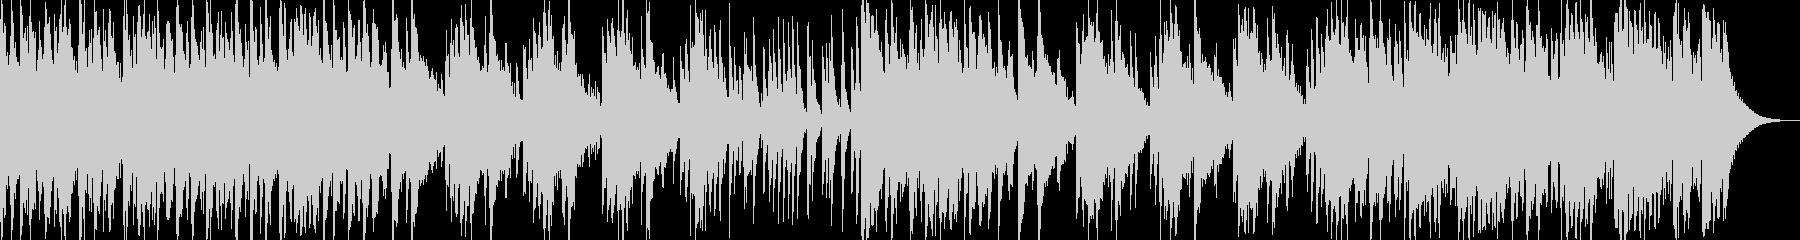 日本伝統音楽4(三味線+和太鼓)の未再生の波形